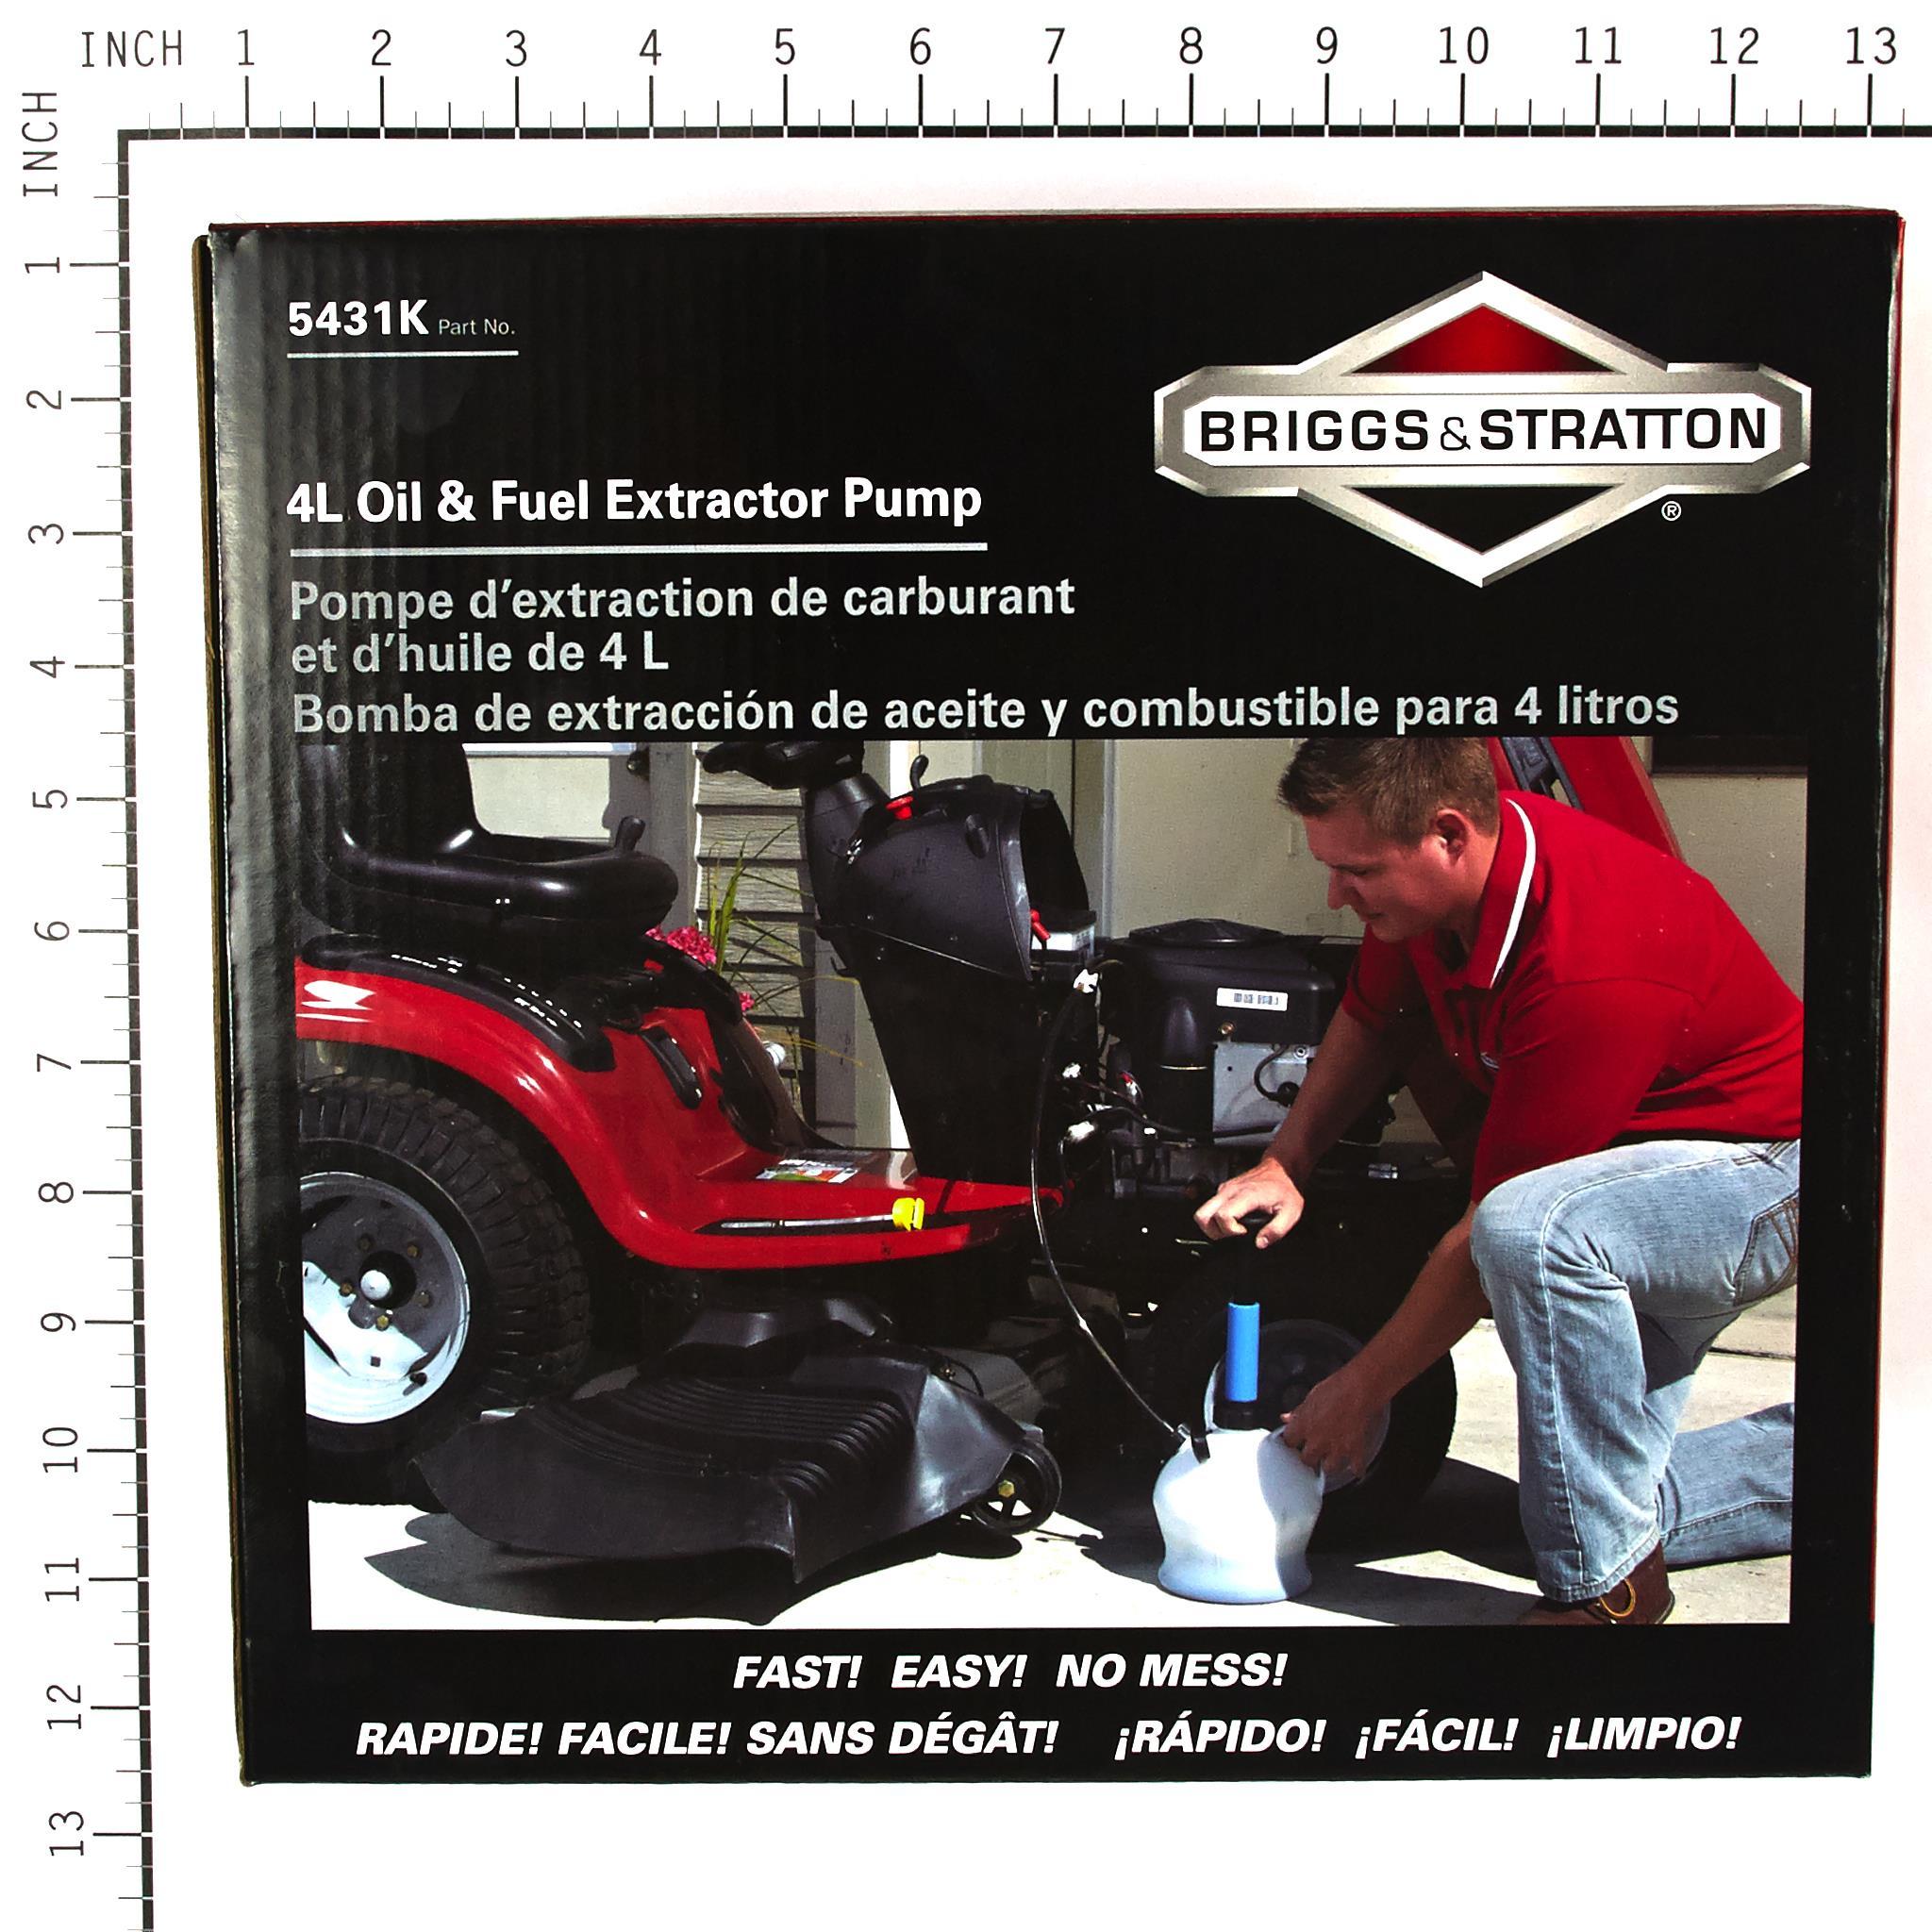 Ausgezeichnet Briggs Und Stratton 8 Ps Motorhandbuch Bilder ...